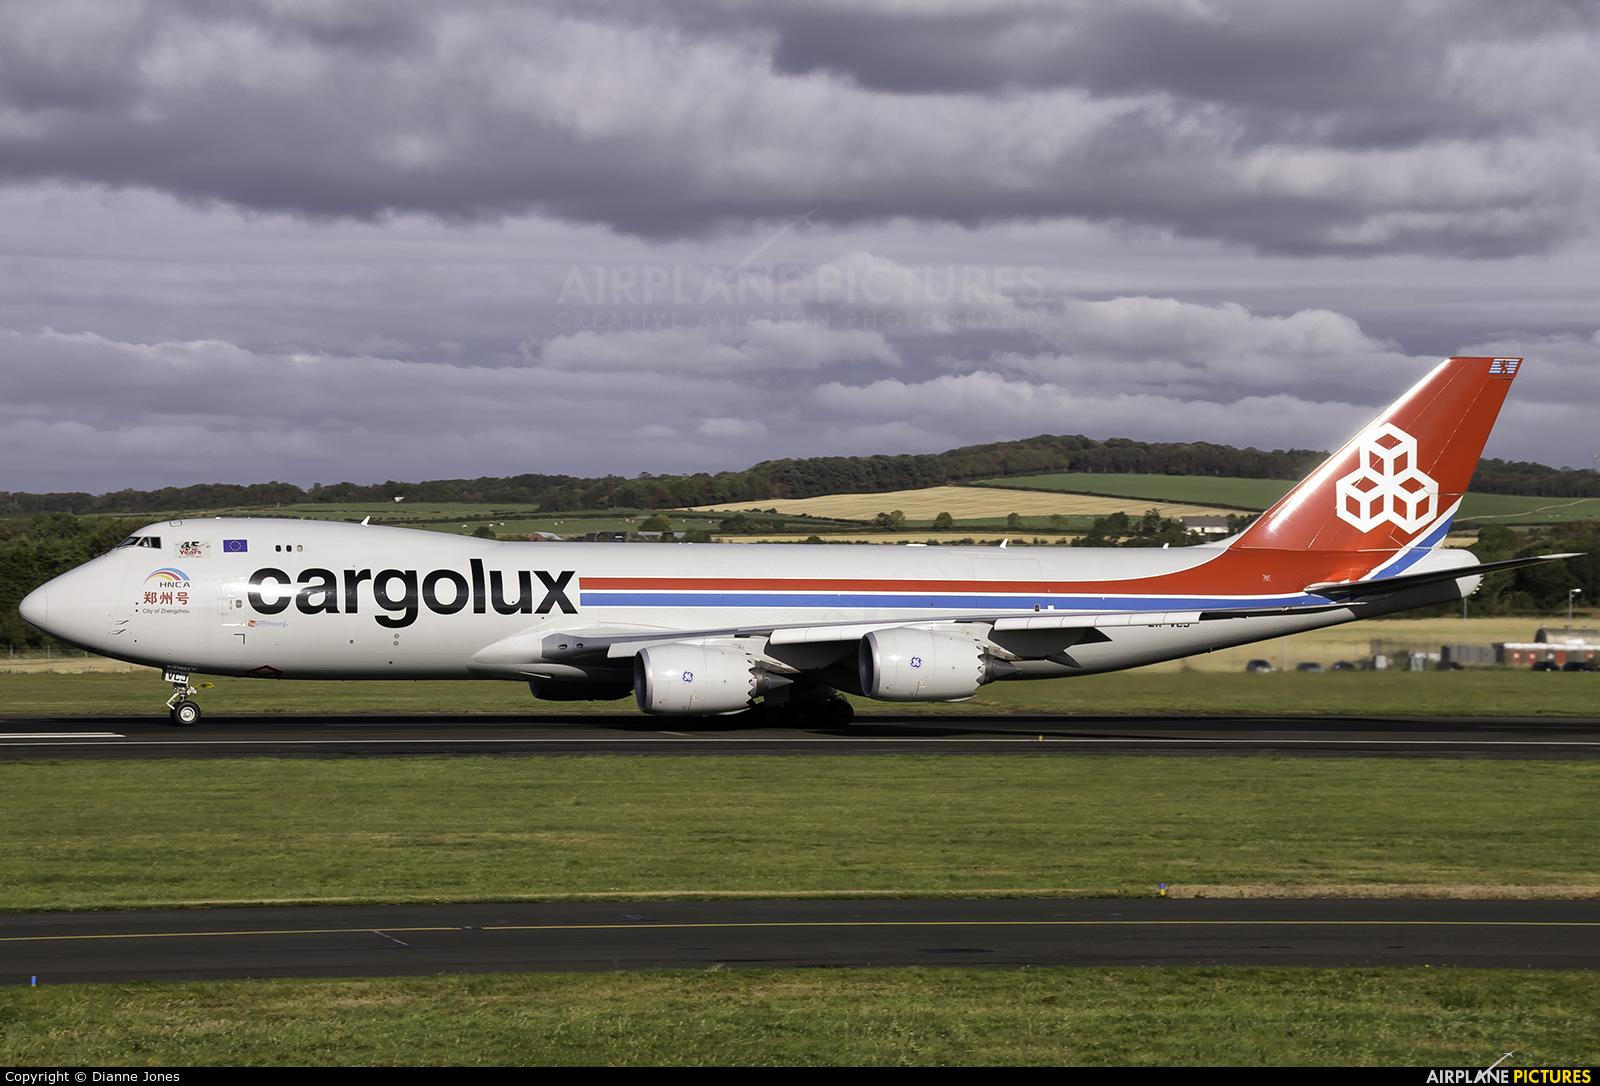 Cargolux LX-VCJ aircraft at Prestwick